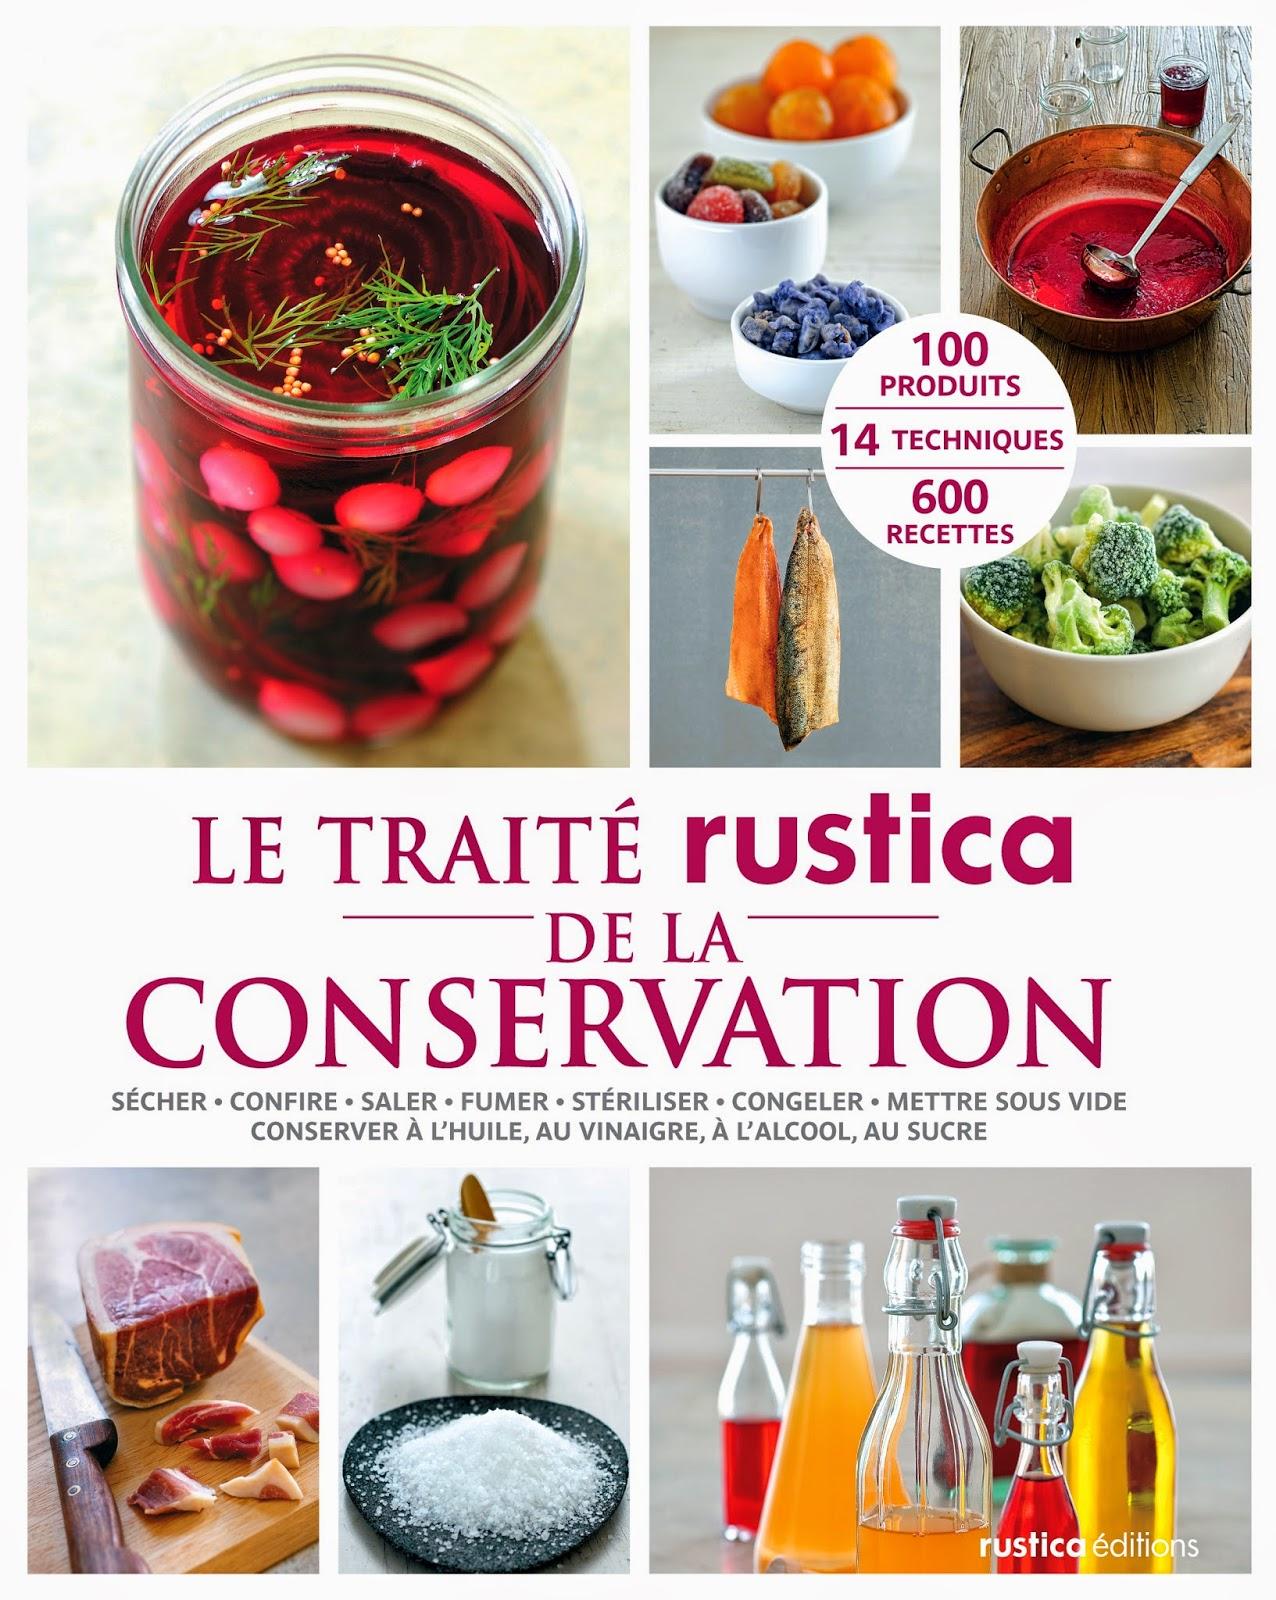 conservation des aliments pour le survivaliste